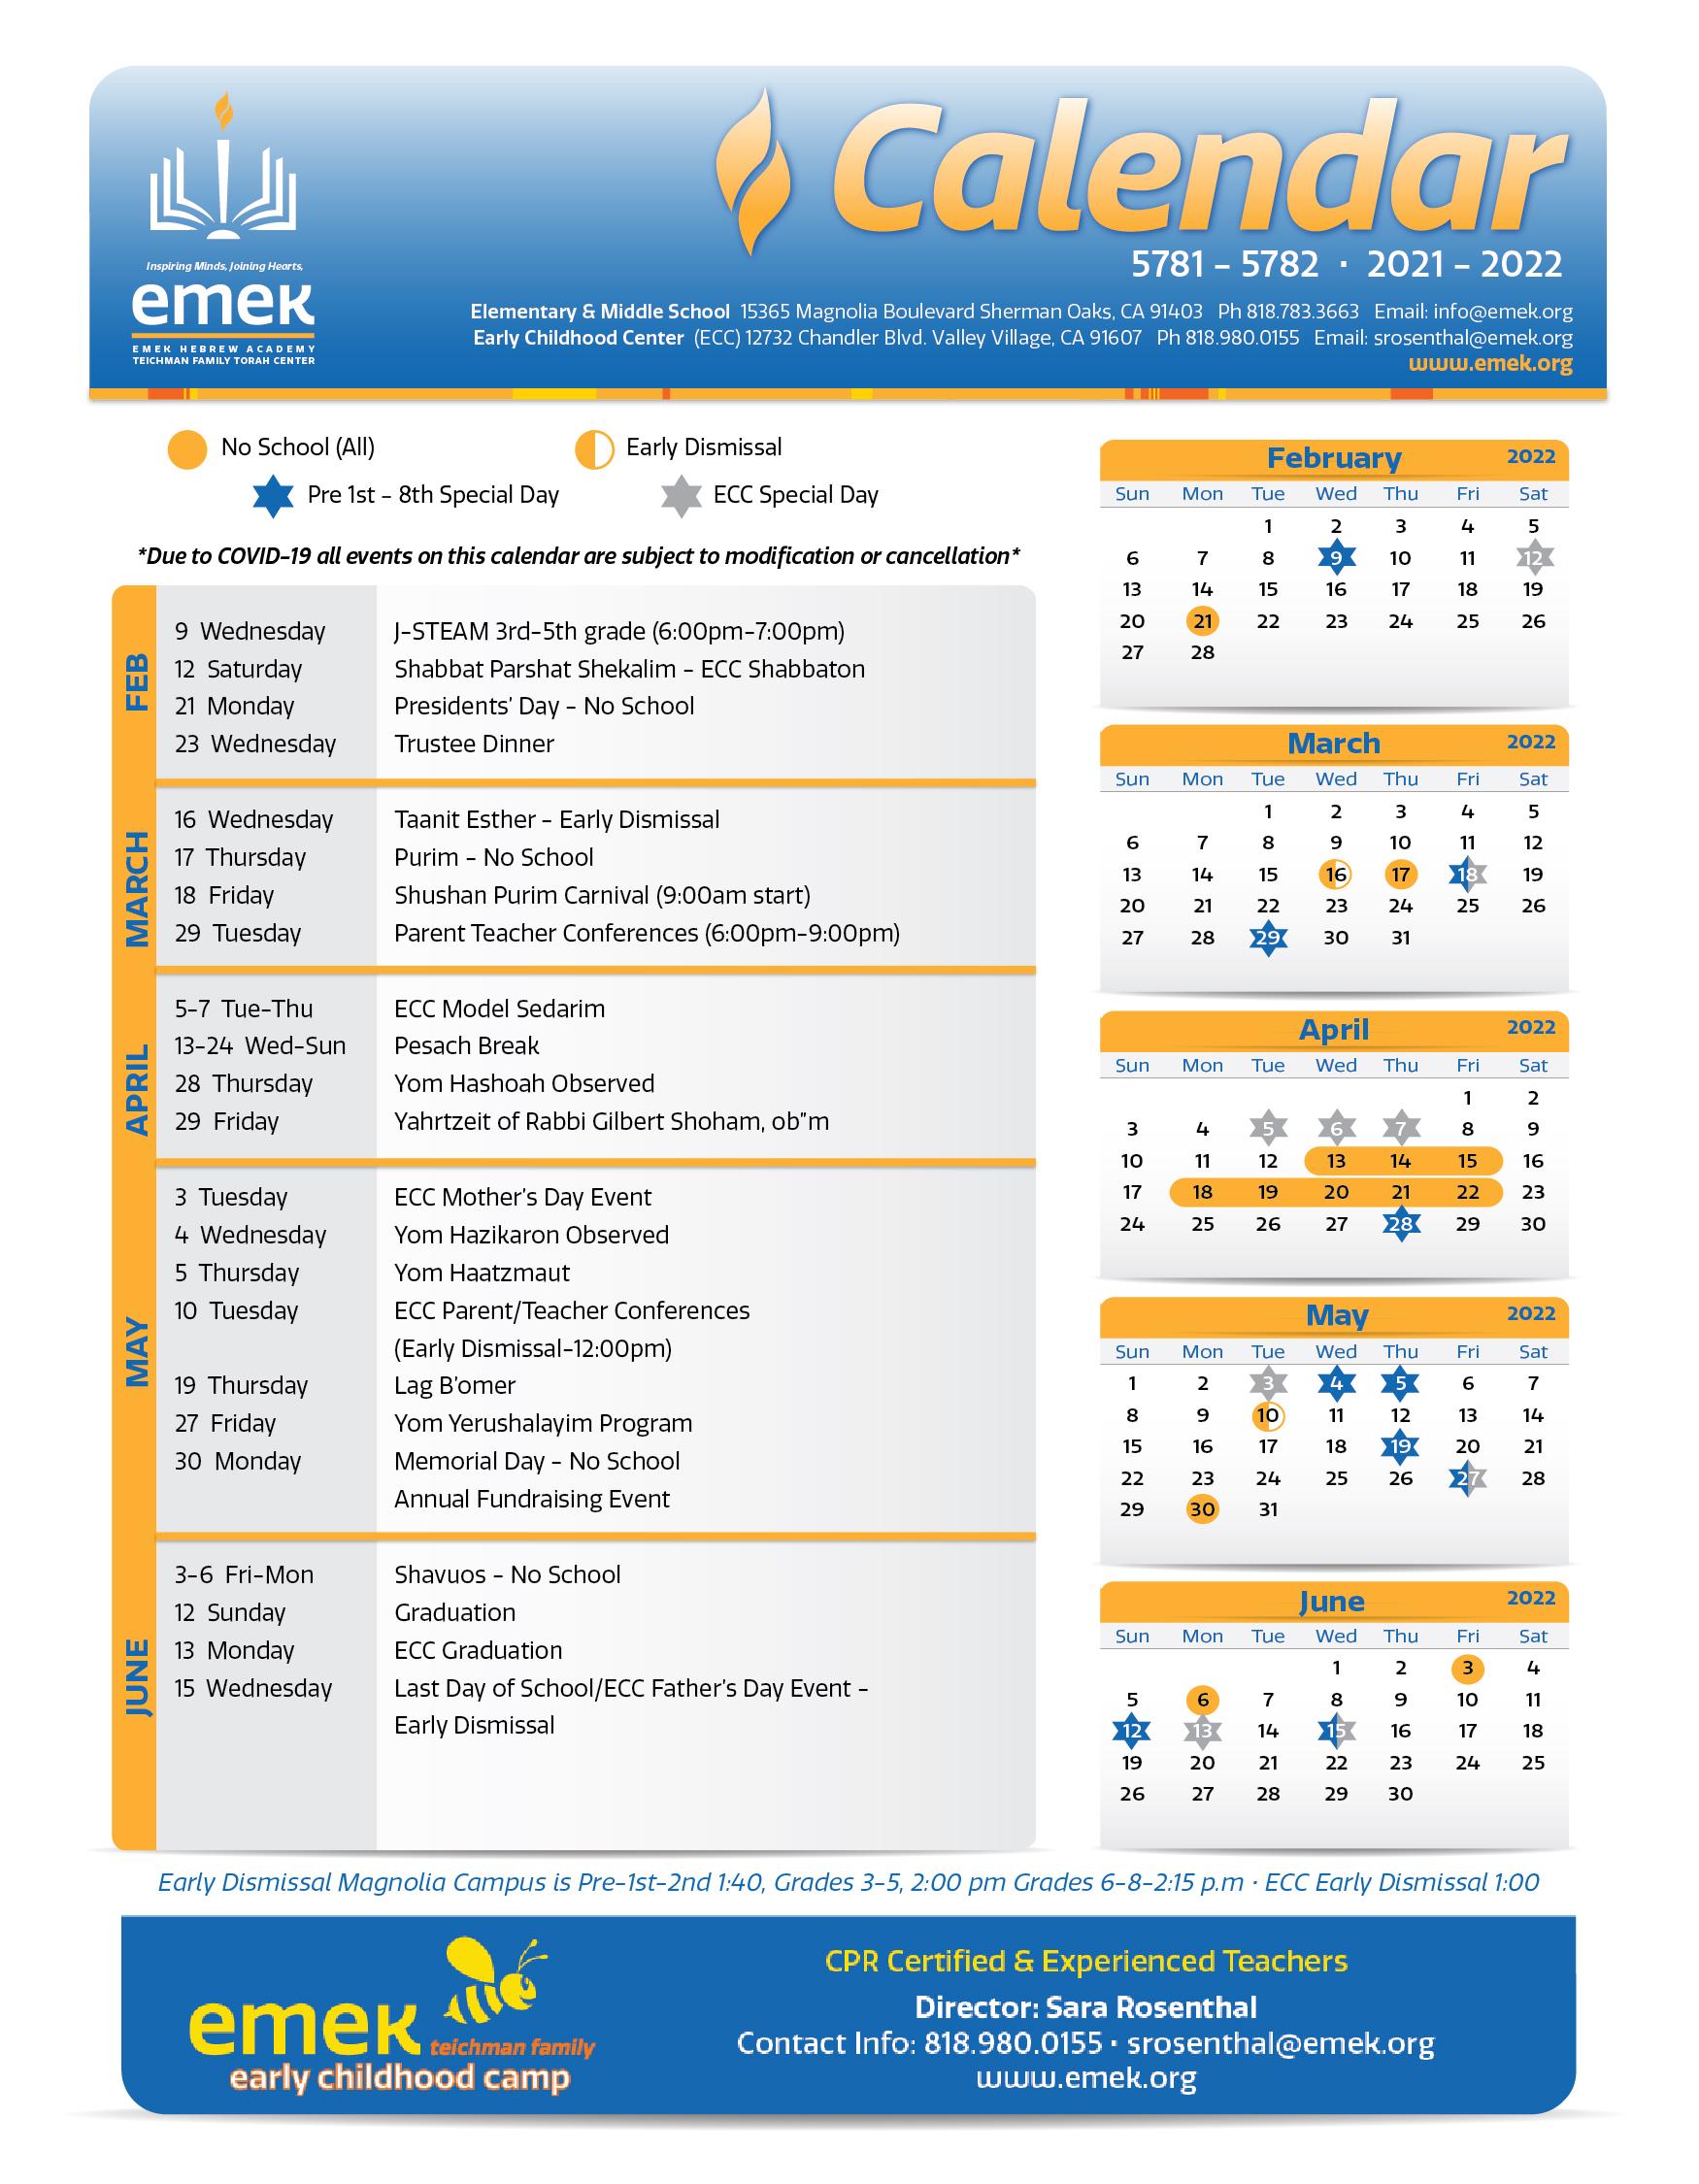 EMEK_Calendar_2021_V1-02.jpg